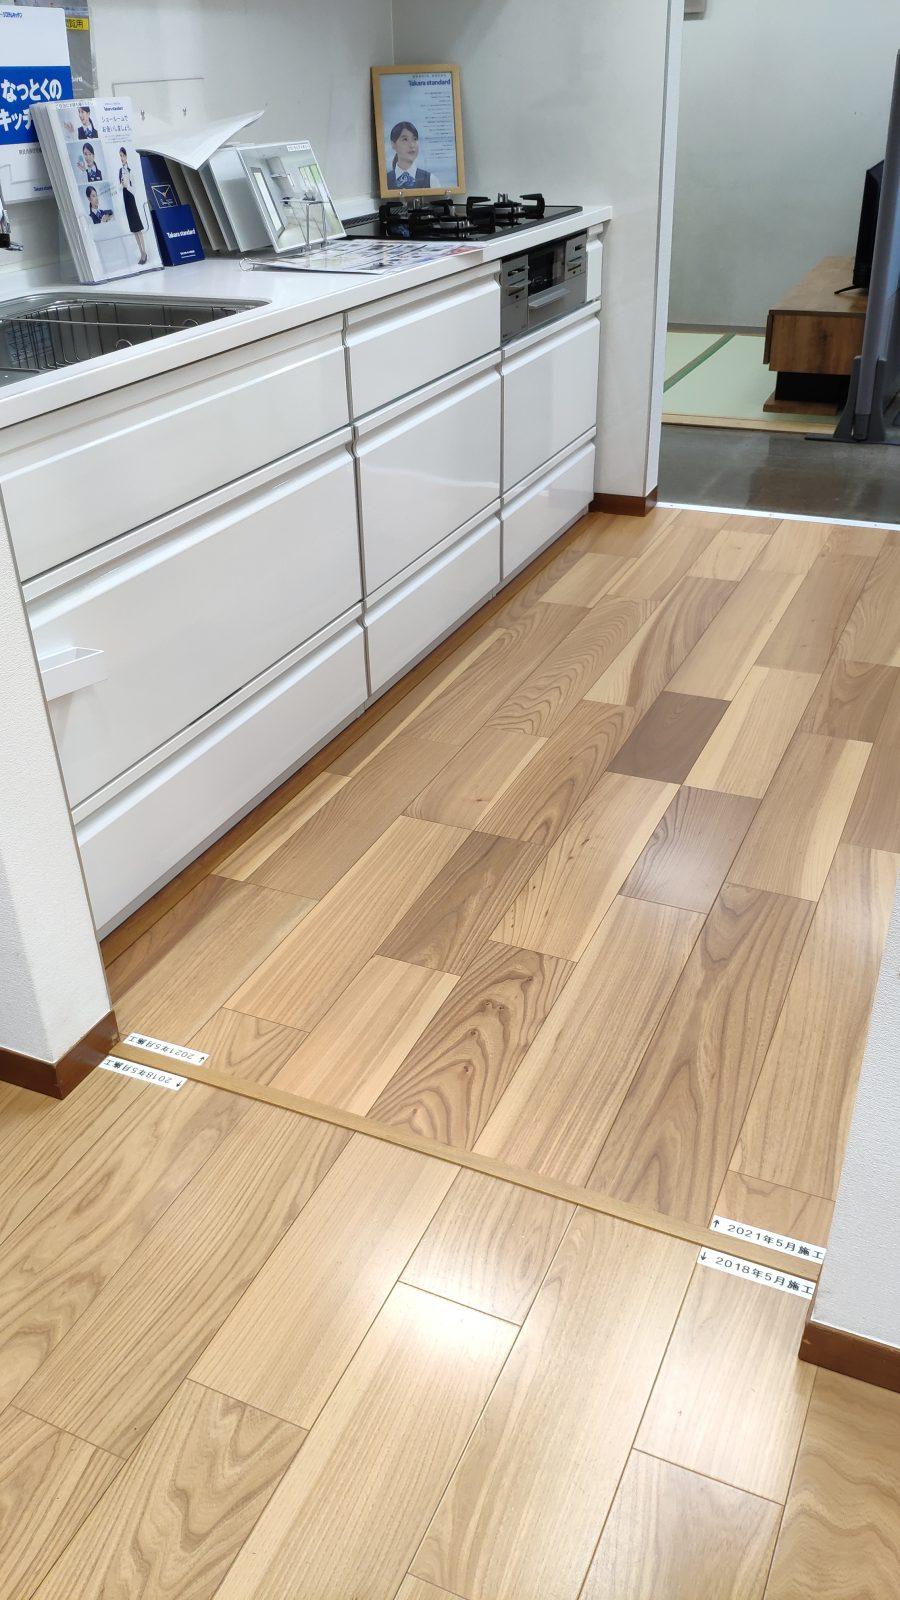 標準床のニレとタカラスタンダードのキッチン